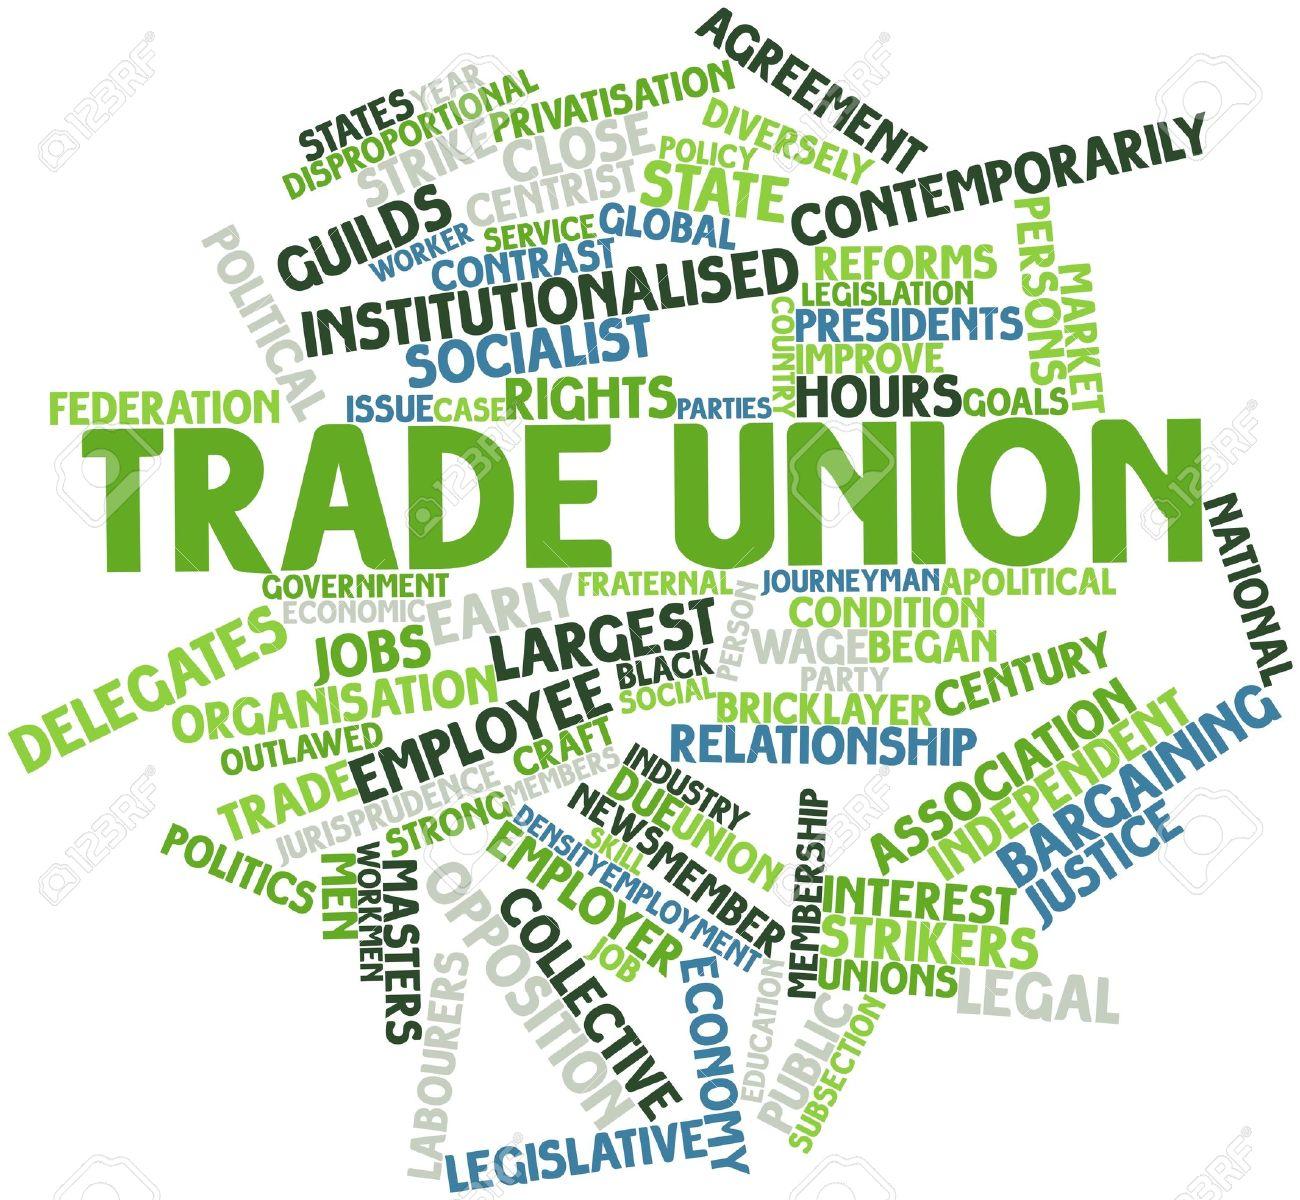 Labour union clipart.